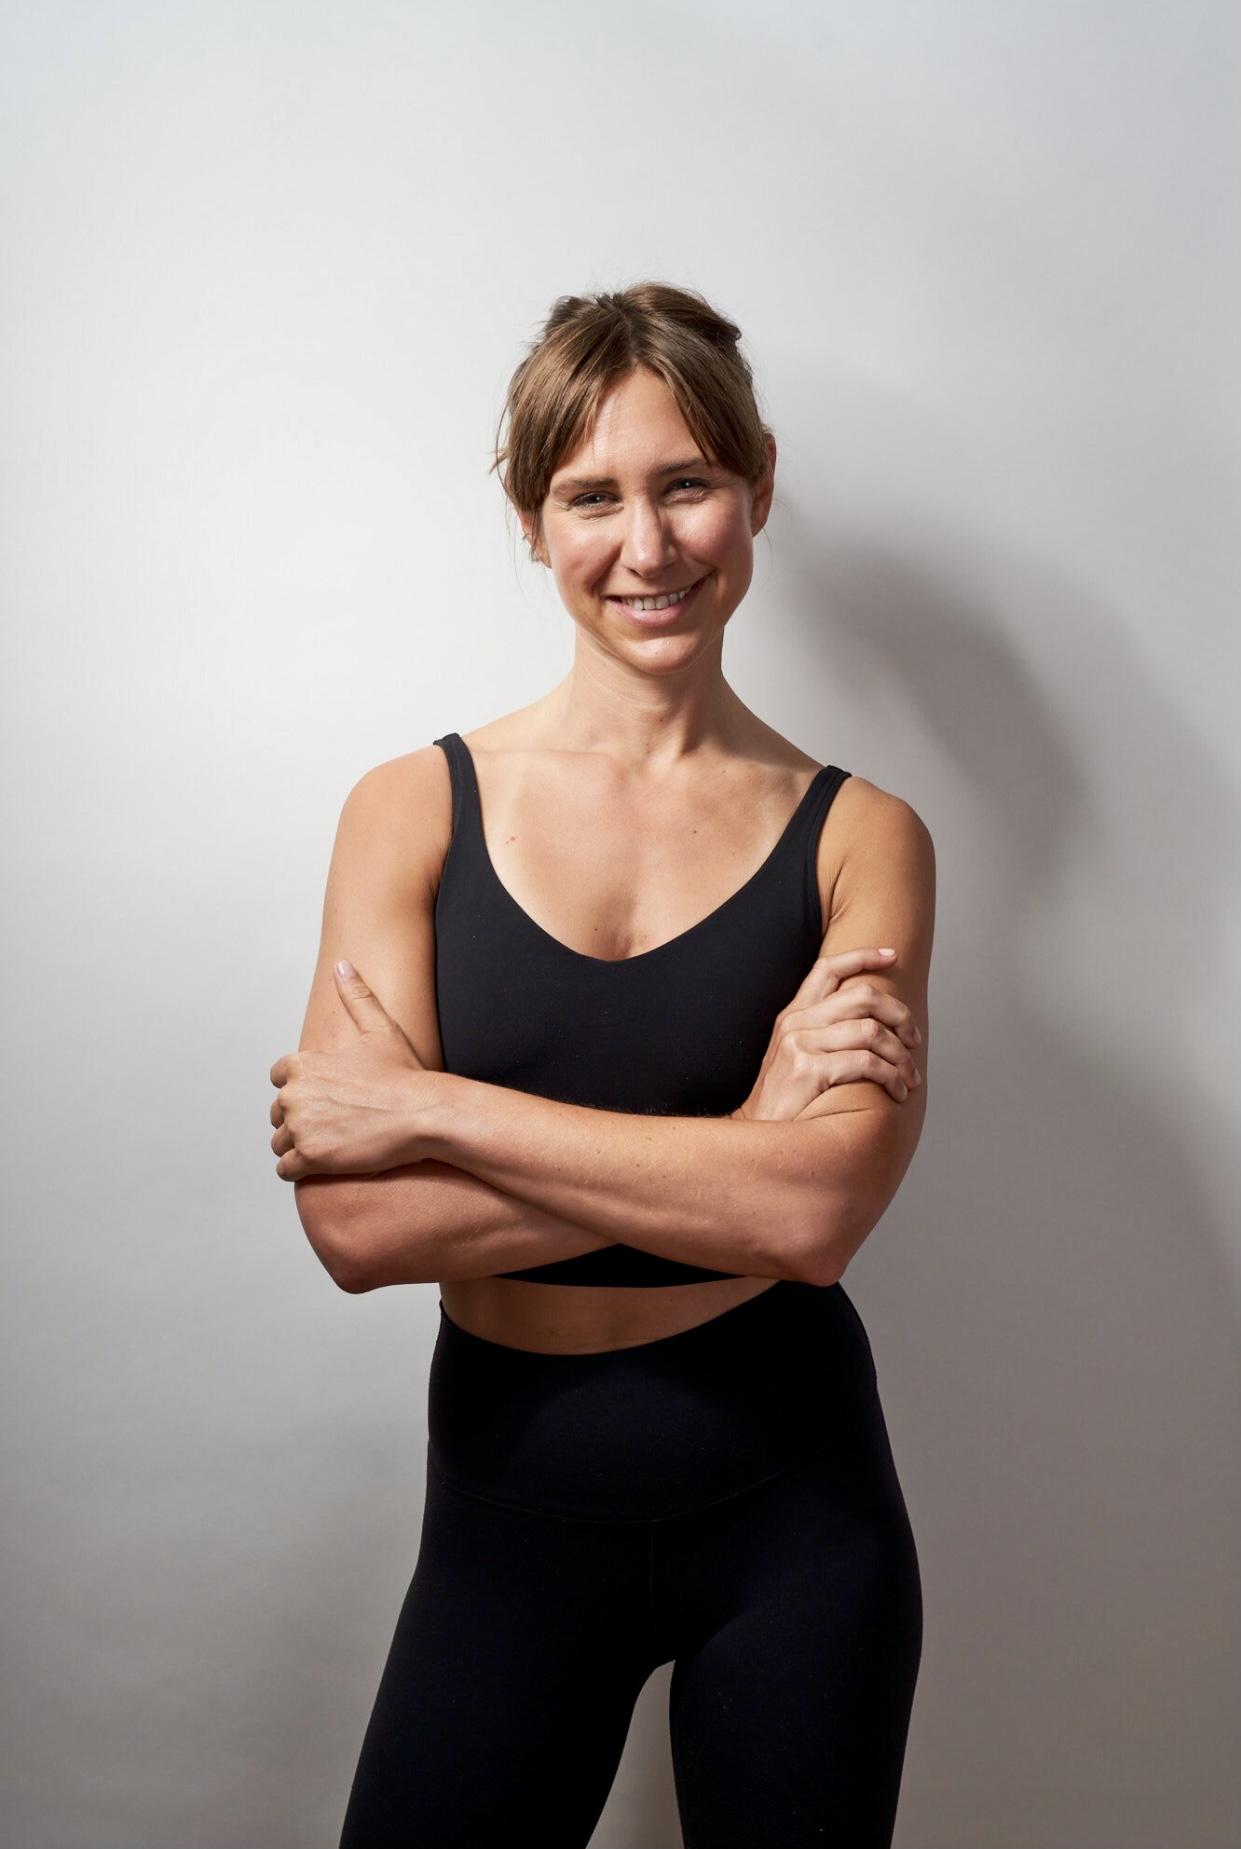 Nicolette, Gründerin von STRONG BULLETPROOF - Keto x Fitness Online Kurs